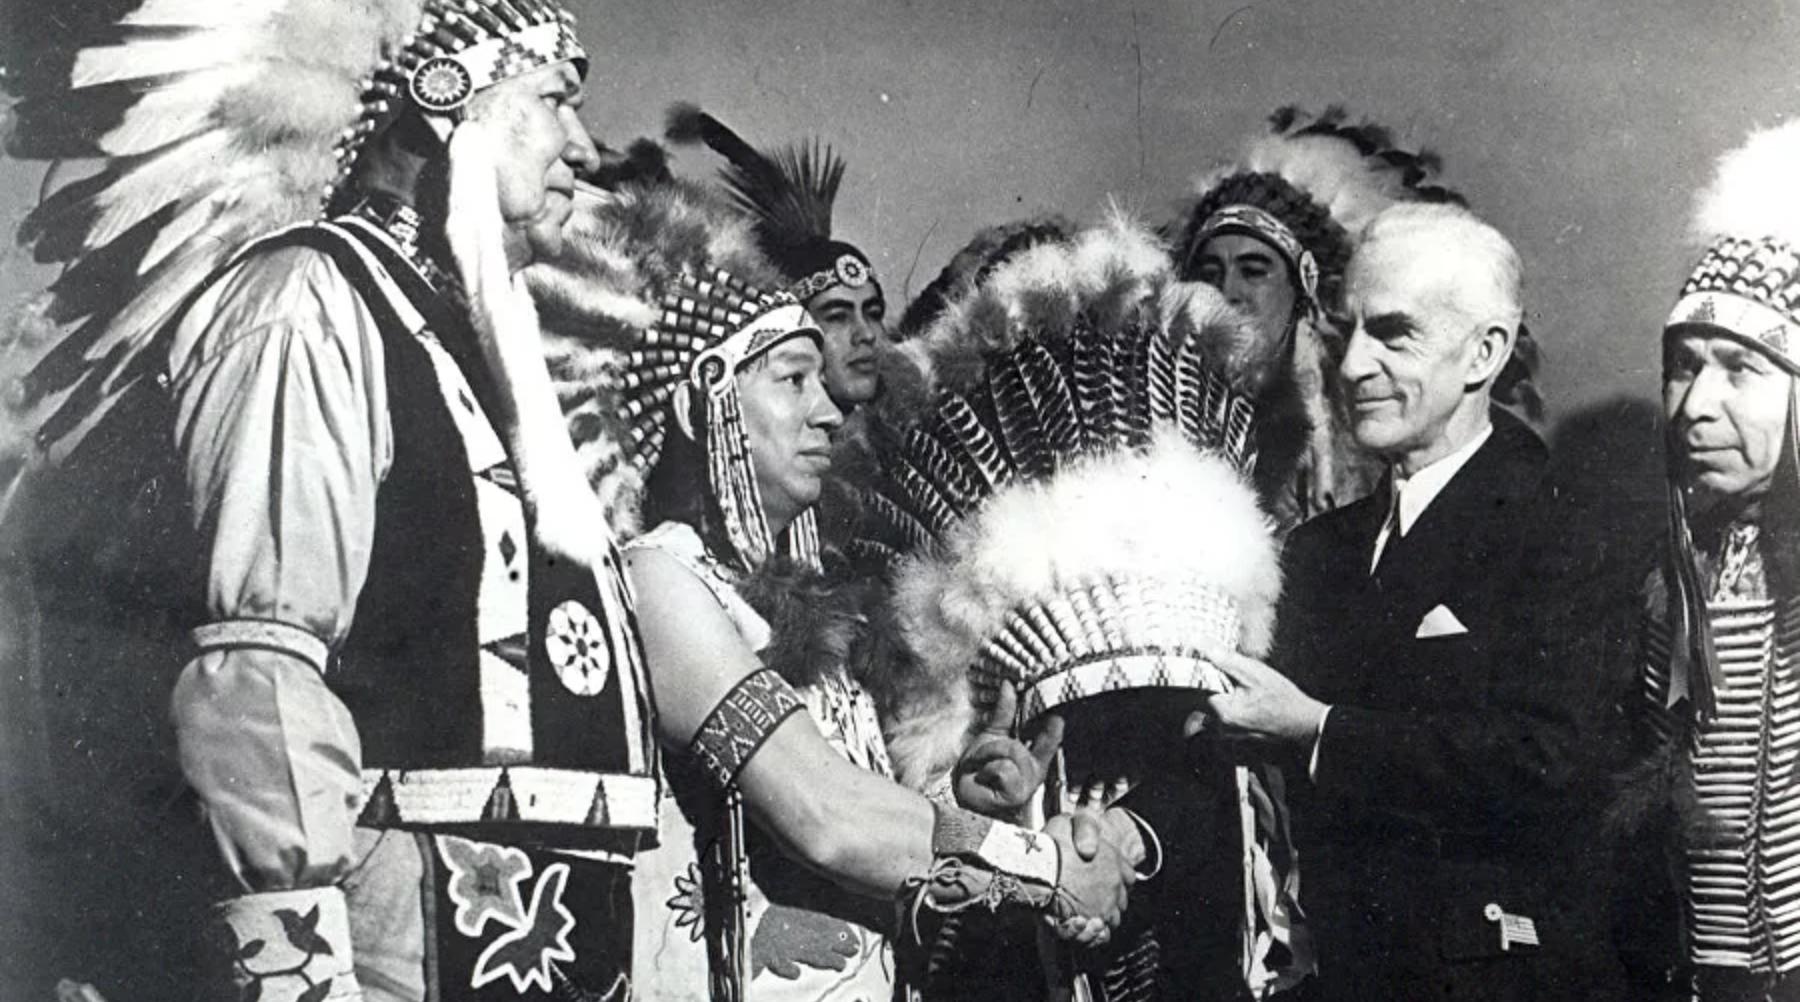 Ceremonija predaje nacionalnog indijanskog ukrasa za glavu u New Yorku, 1942.